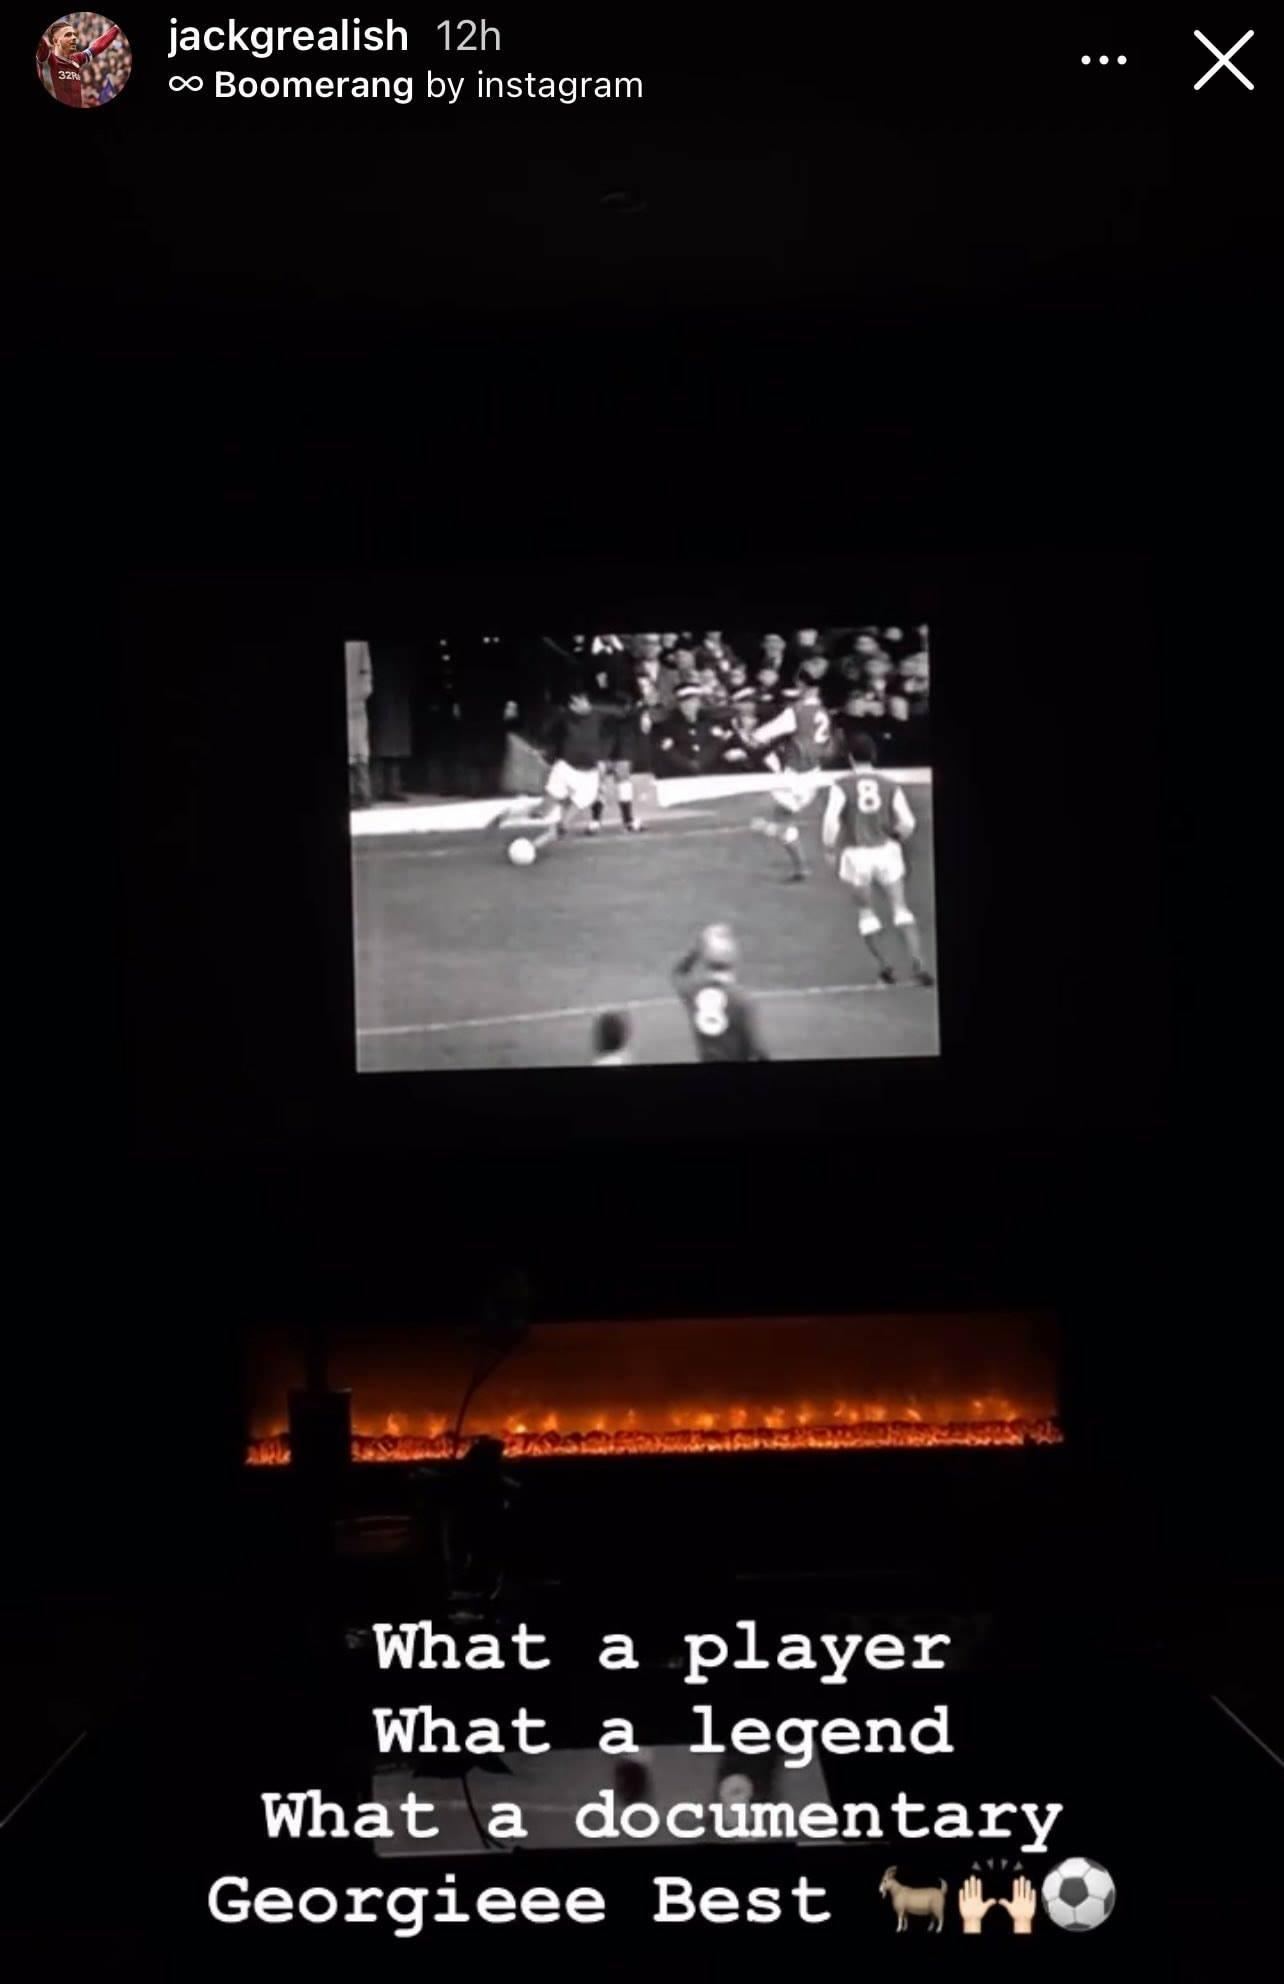 Jack Grealish watching Man Utd legends document - Bóng Đá